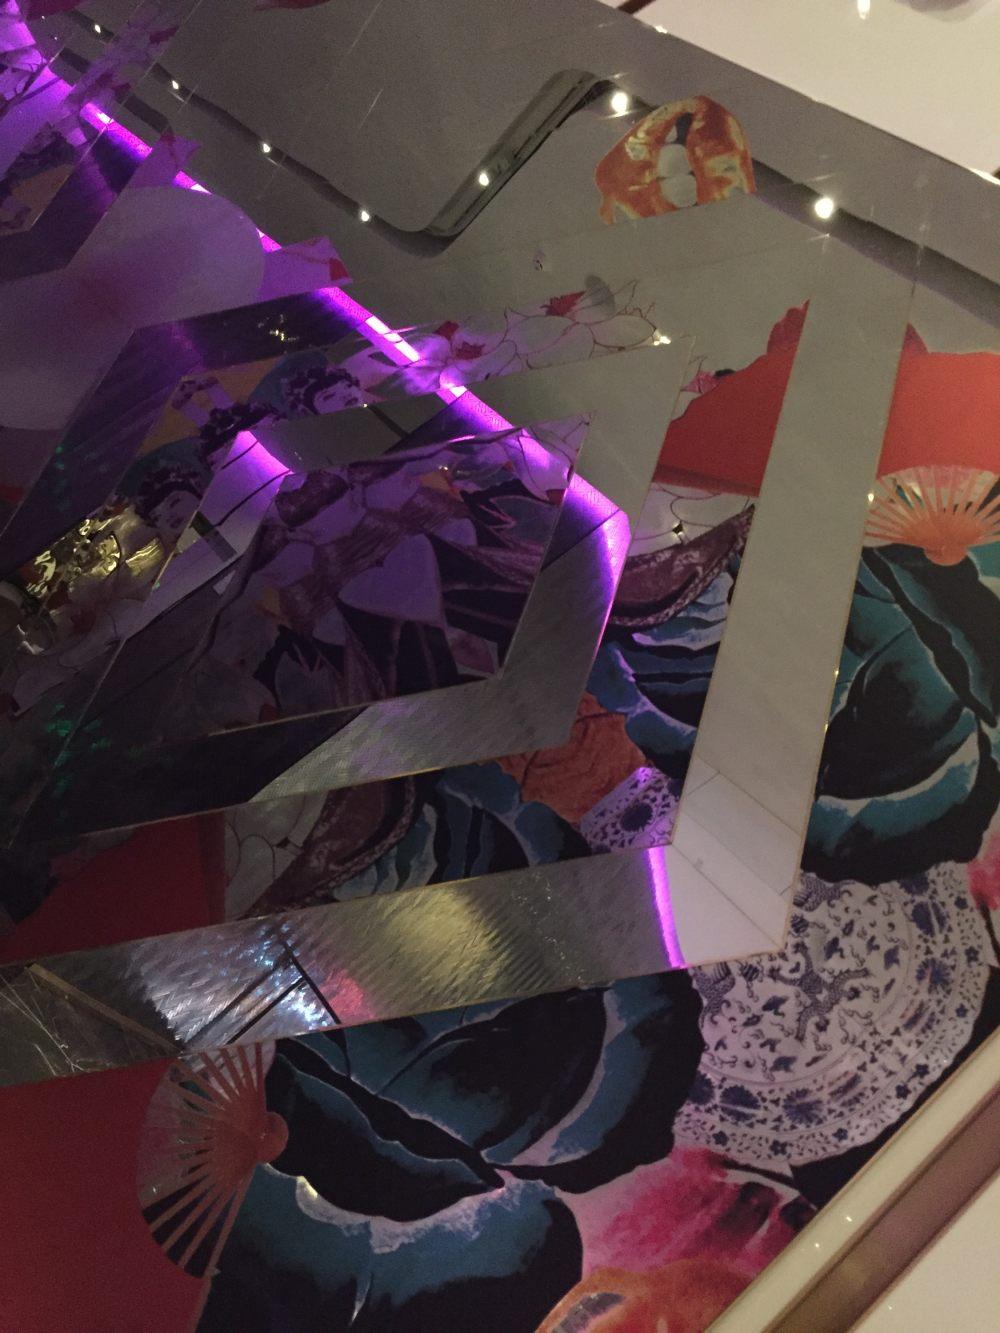 上海外滩W酒店,史上最全入住体验 自拍分享,申请置...._IMG_6143.JPG